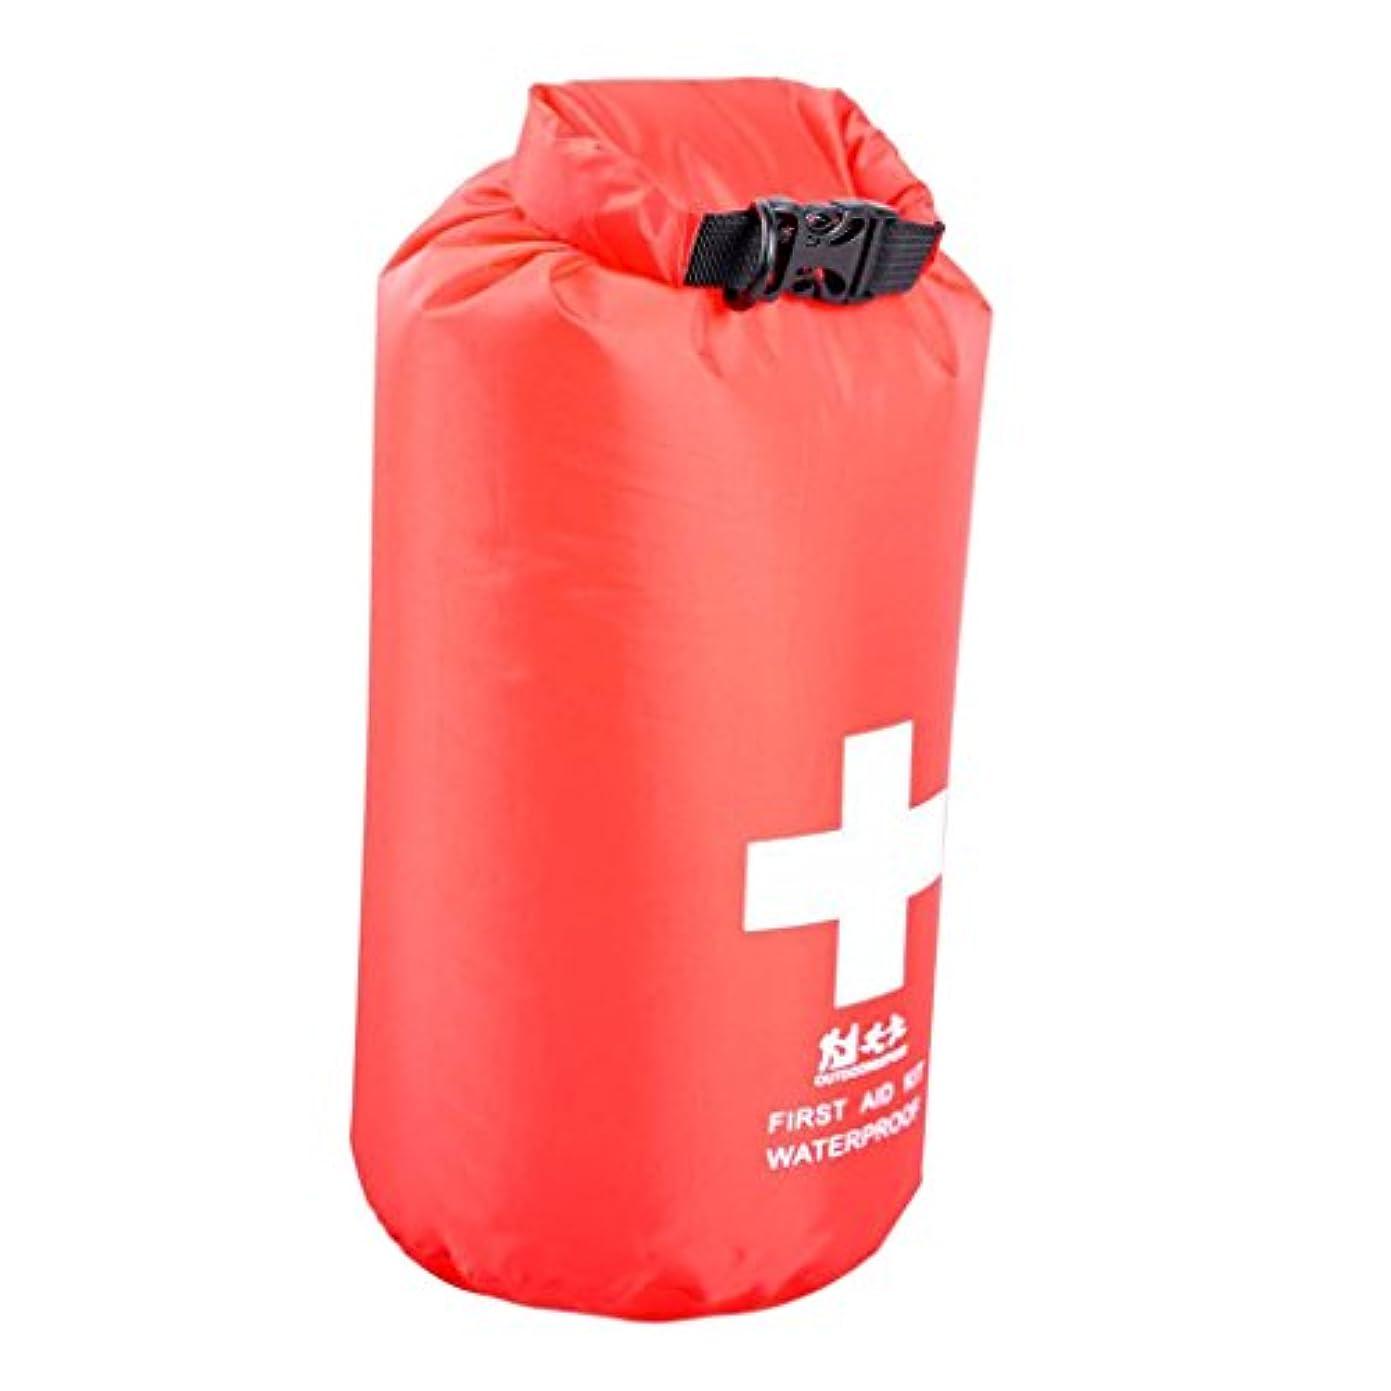 形外科医甘いSharplace 5L 救急箱  ドライバッグ 防水 ドライサック キャンプ ハイキング カヤック用品